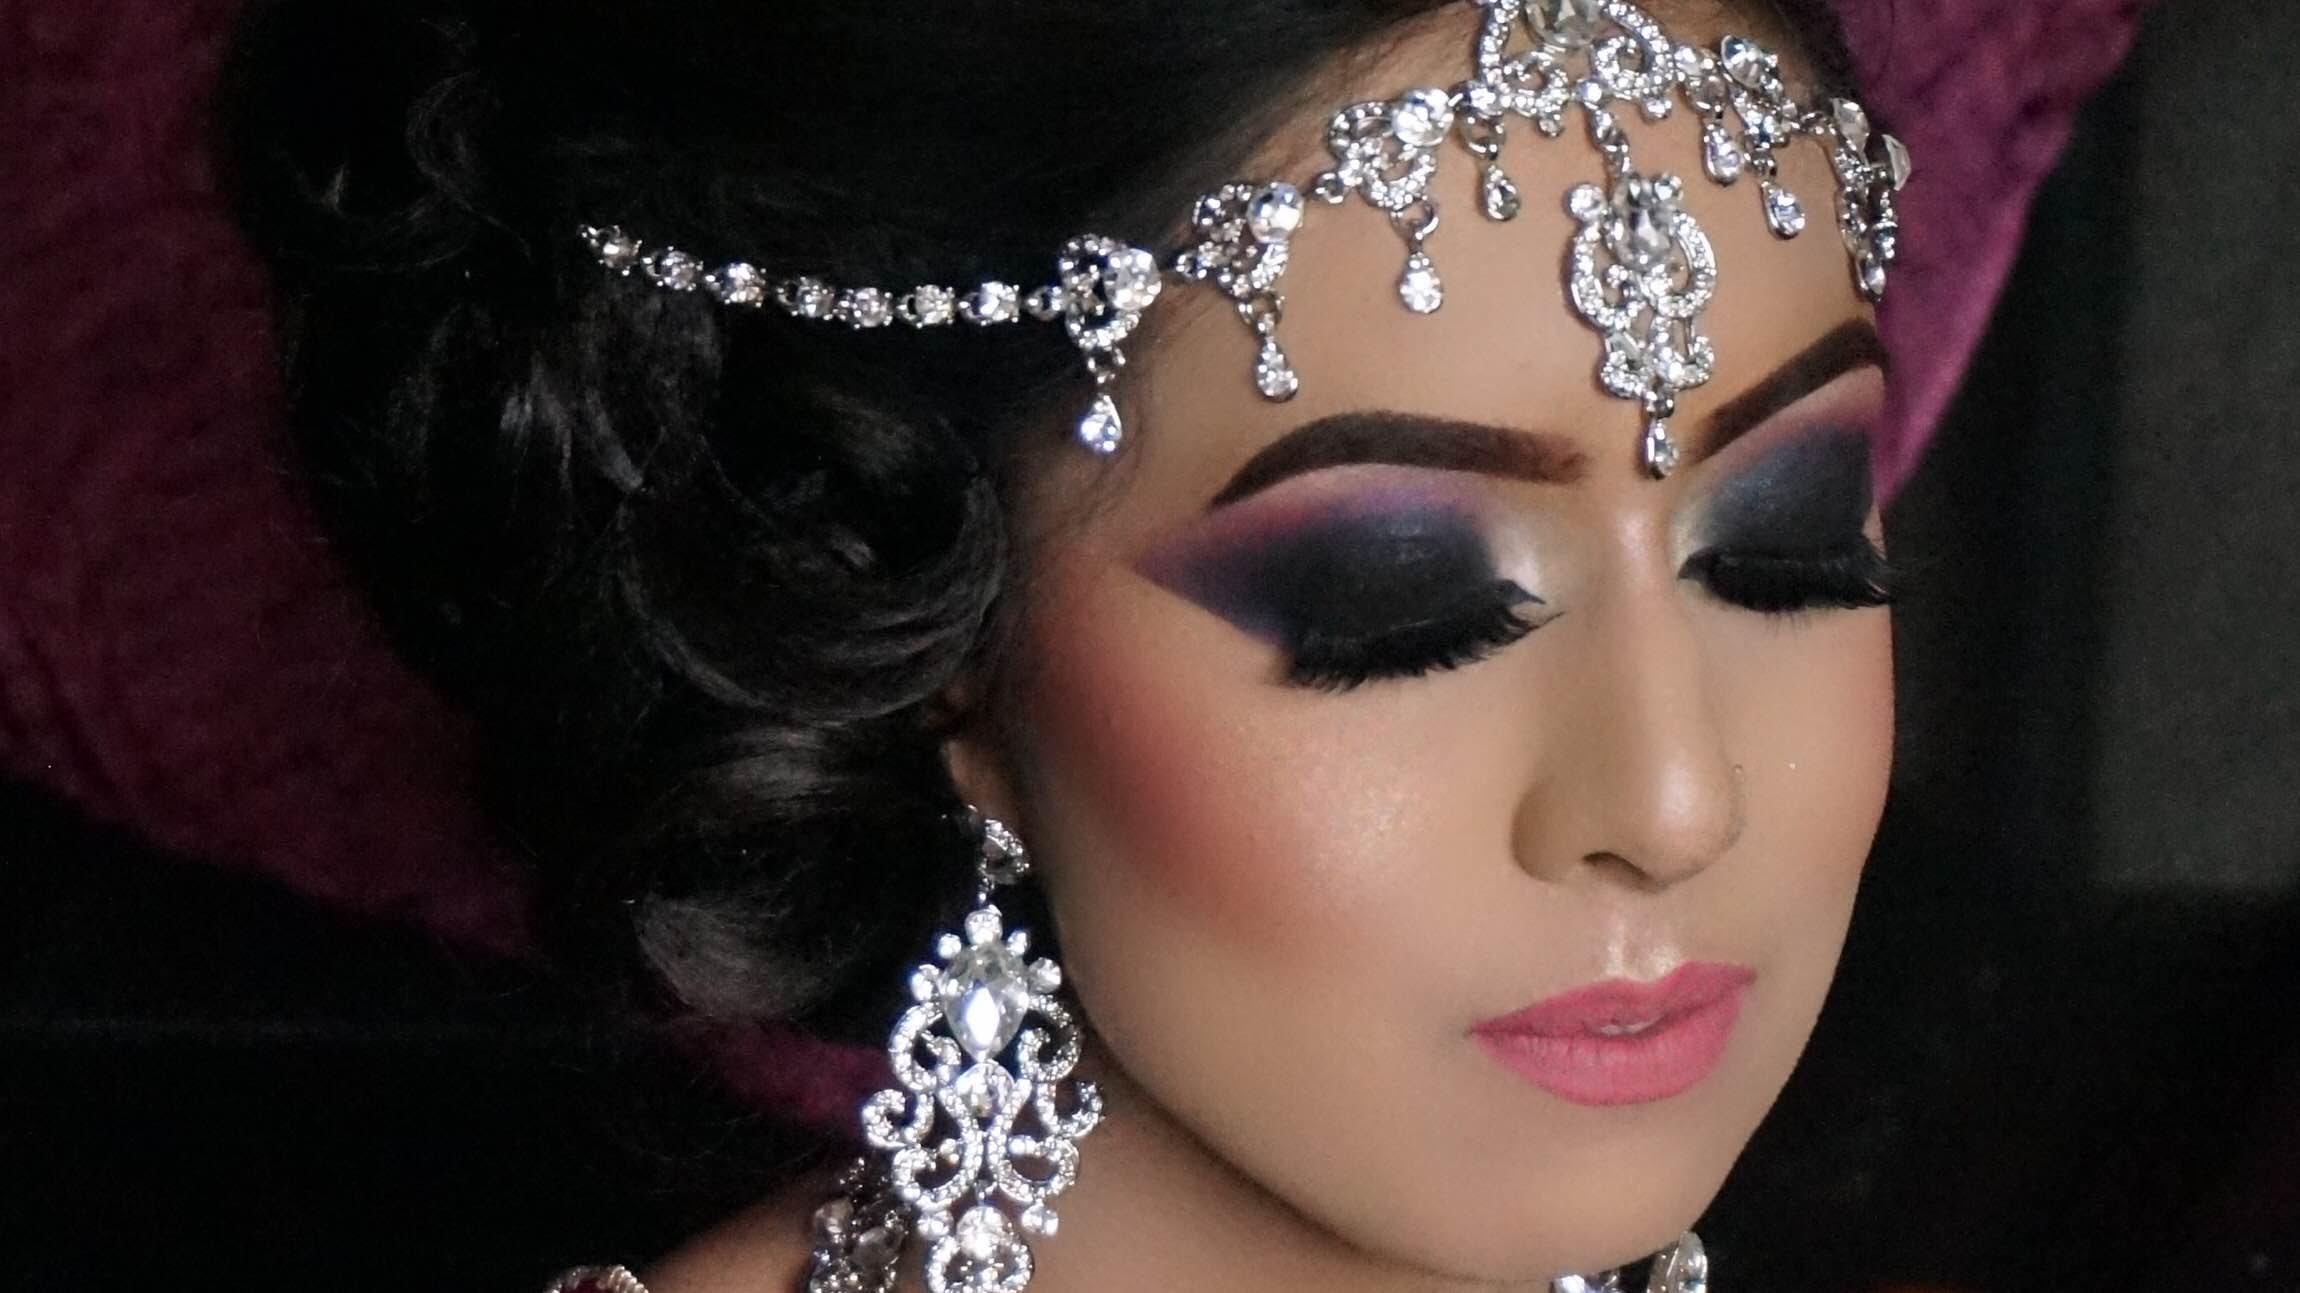 بالصور بنات خليجية , تعرف علي اسرار جمال المراة الخليجية 3471 3